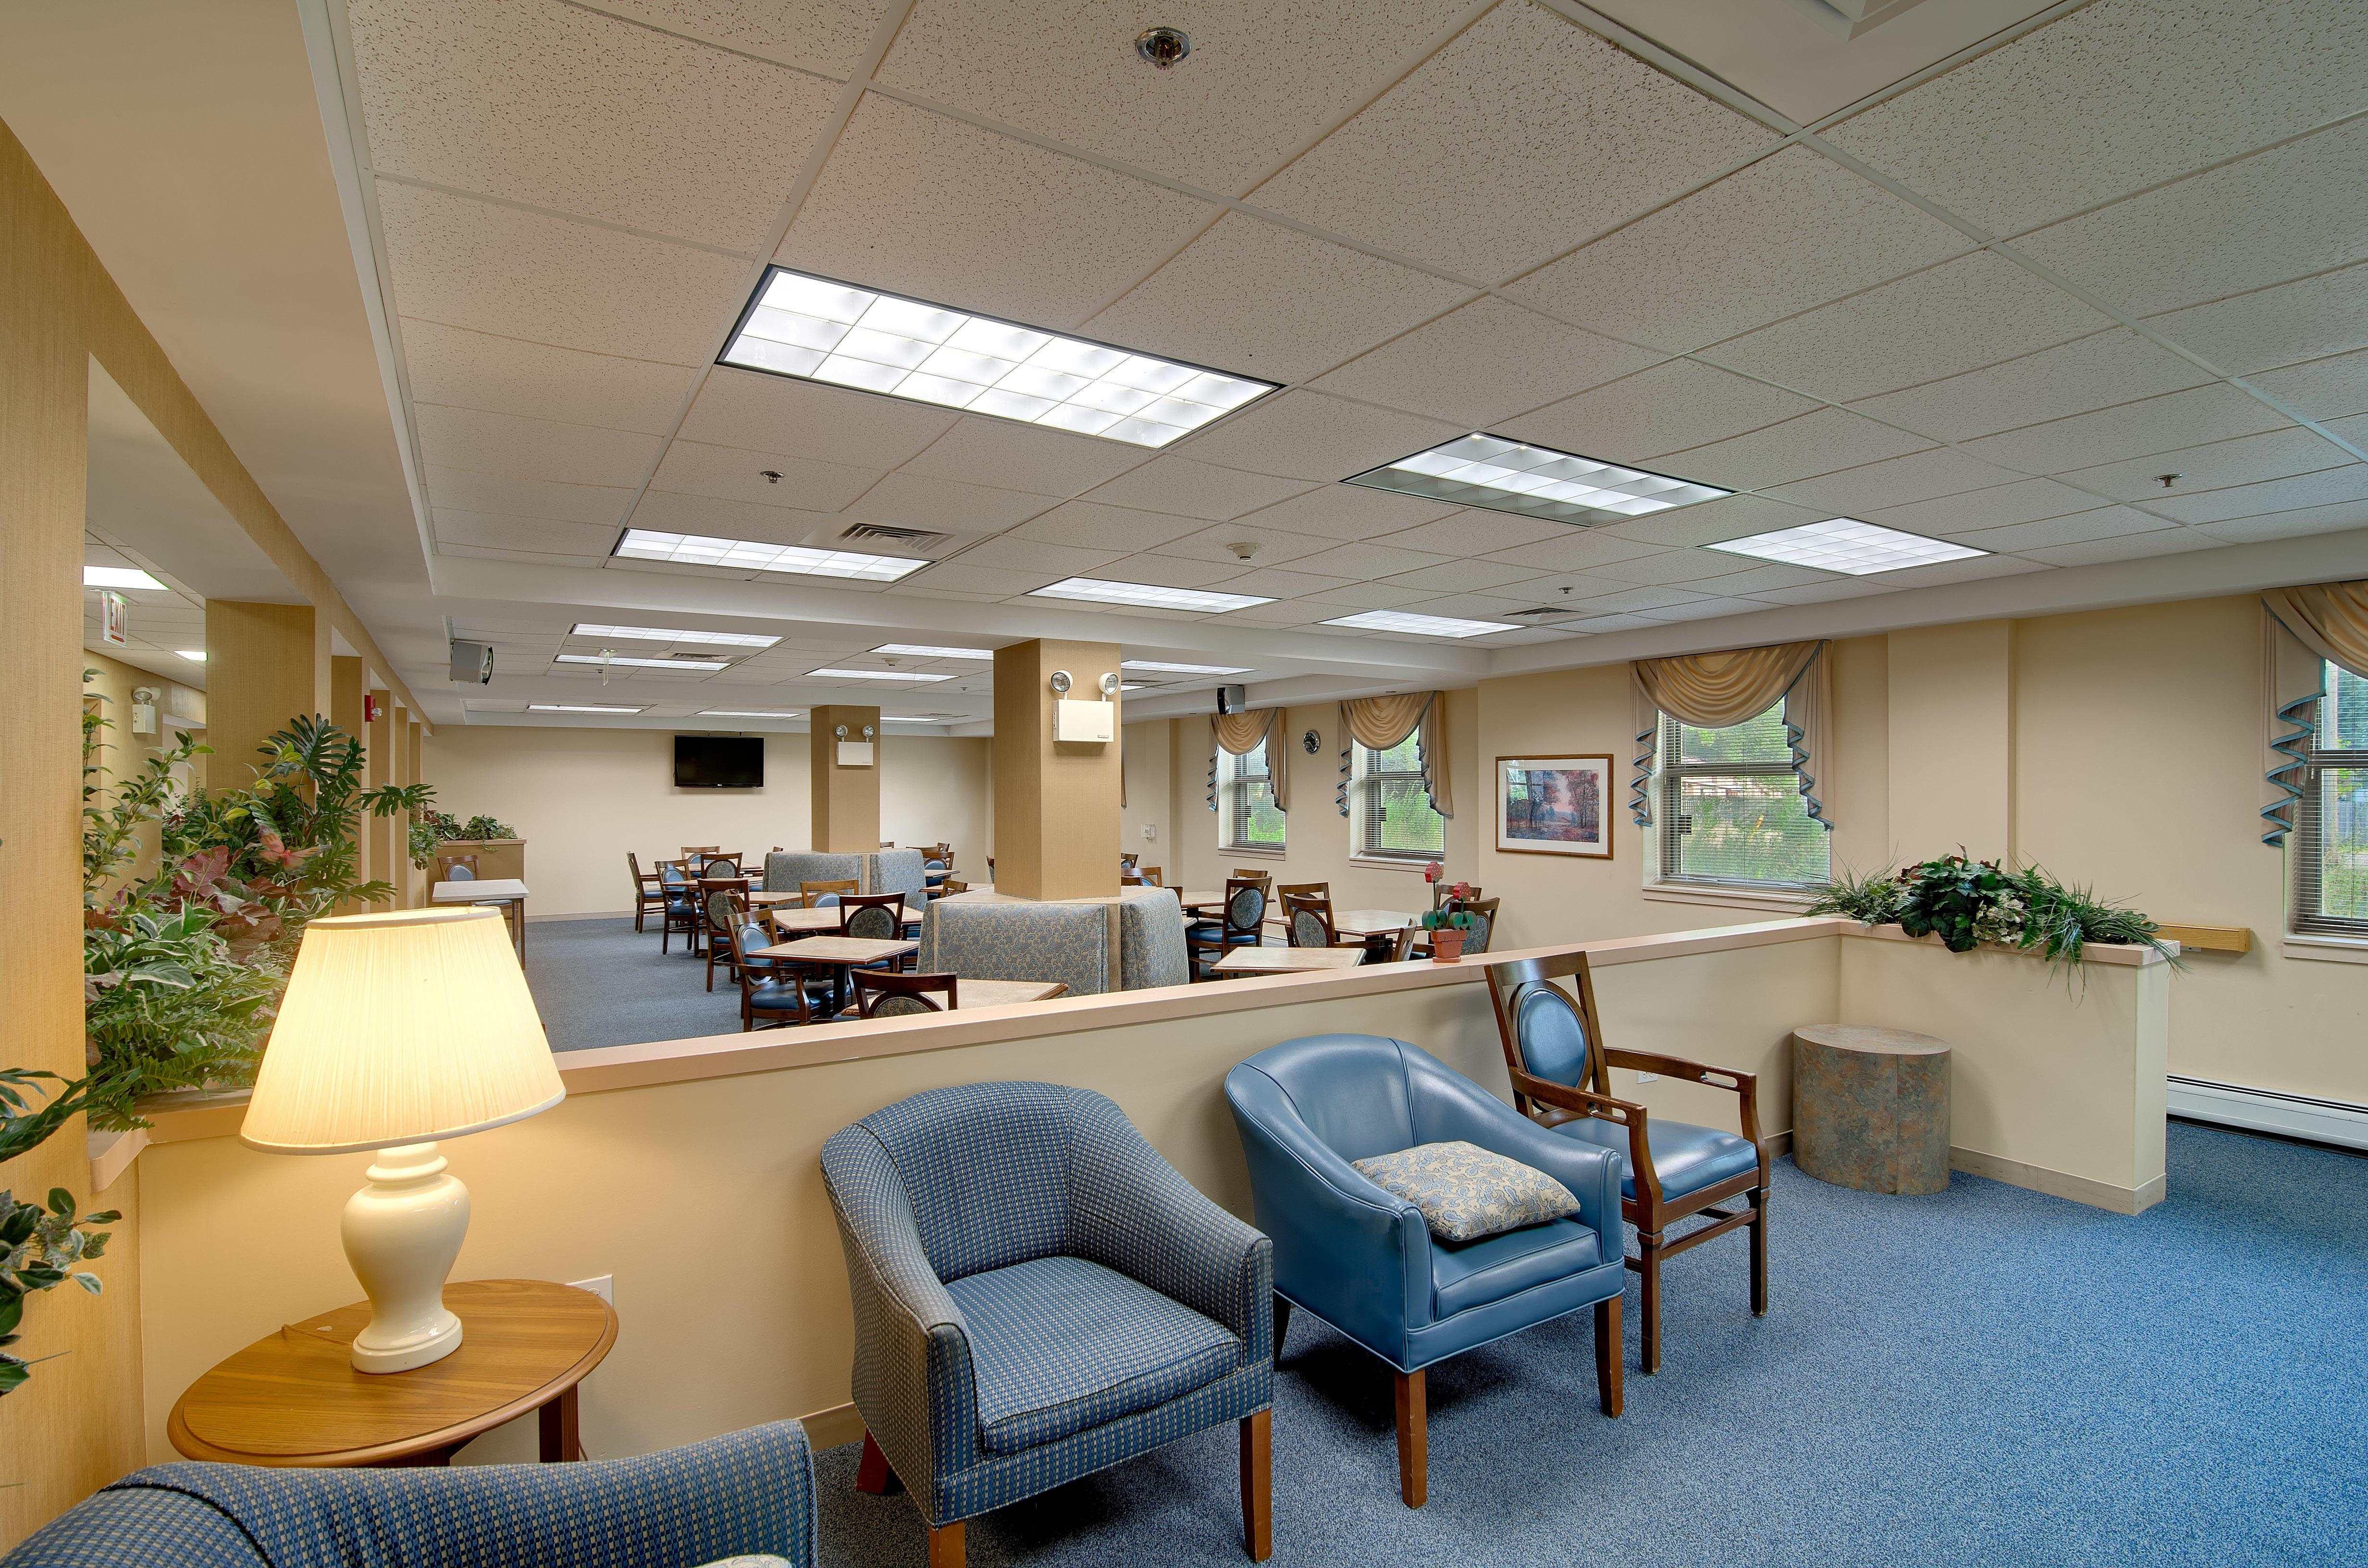 Senior Suites of Hegewisch image 0